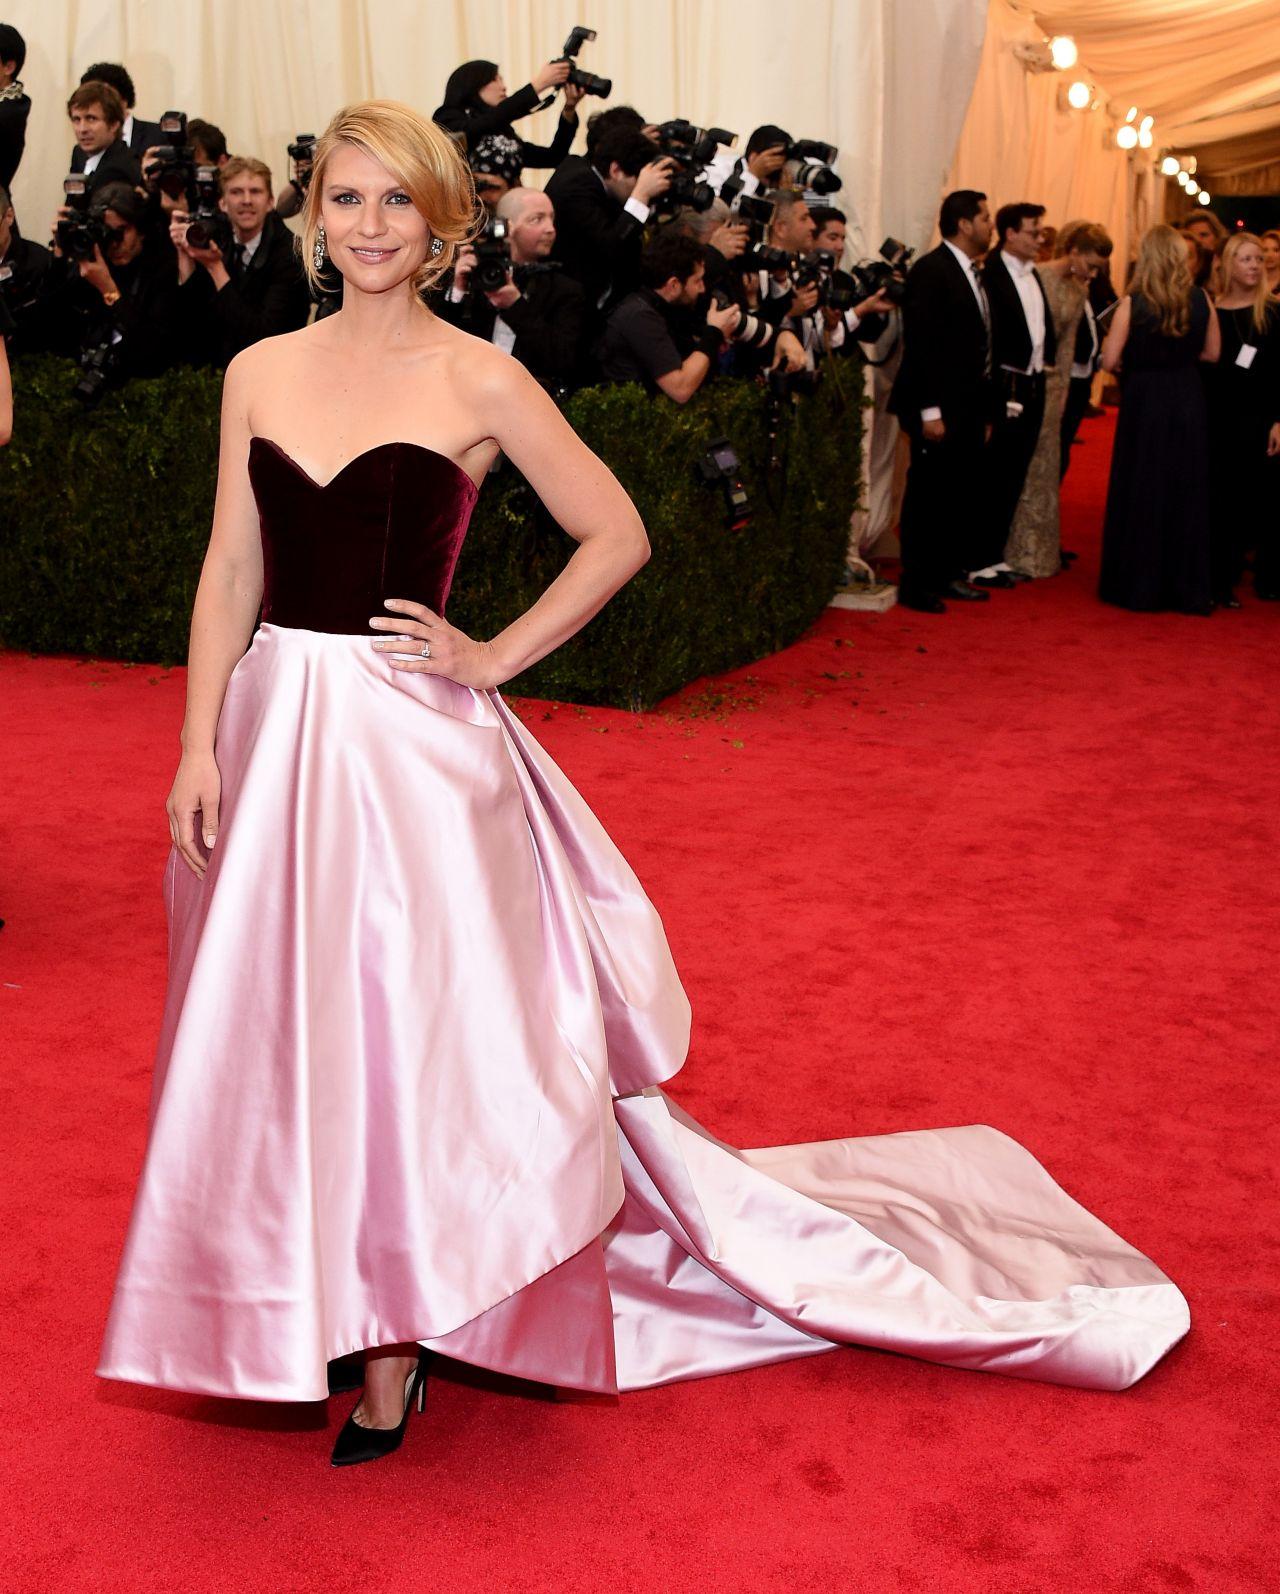 Claire Danes Met Gala: Claire Danes In Oscar De La Renta Satin Ball Gown